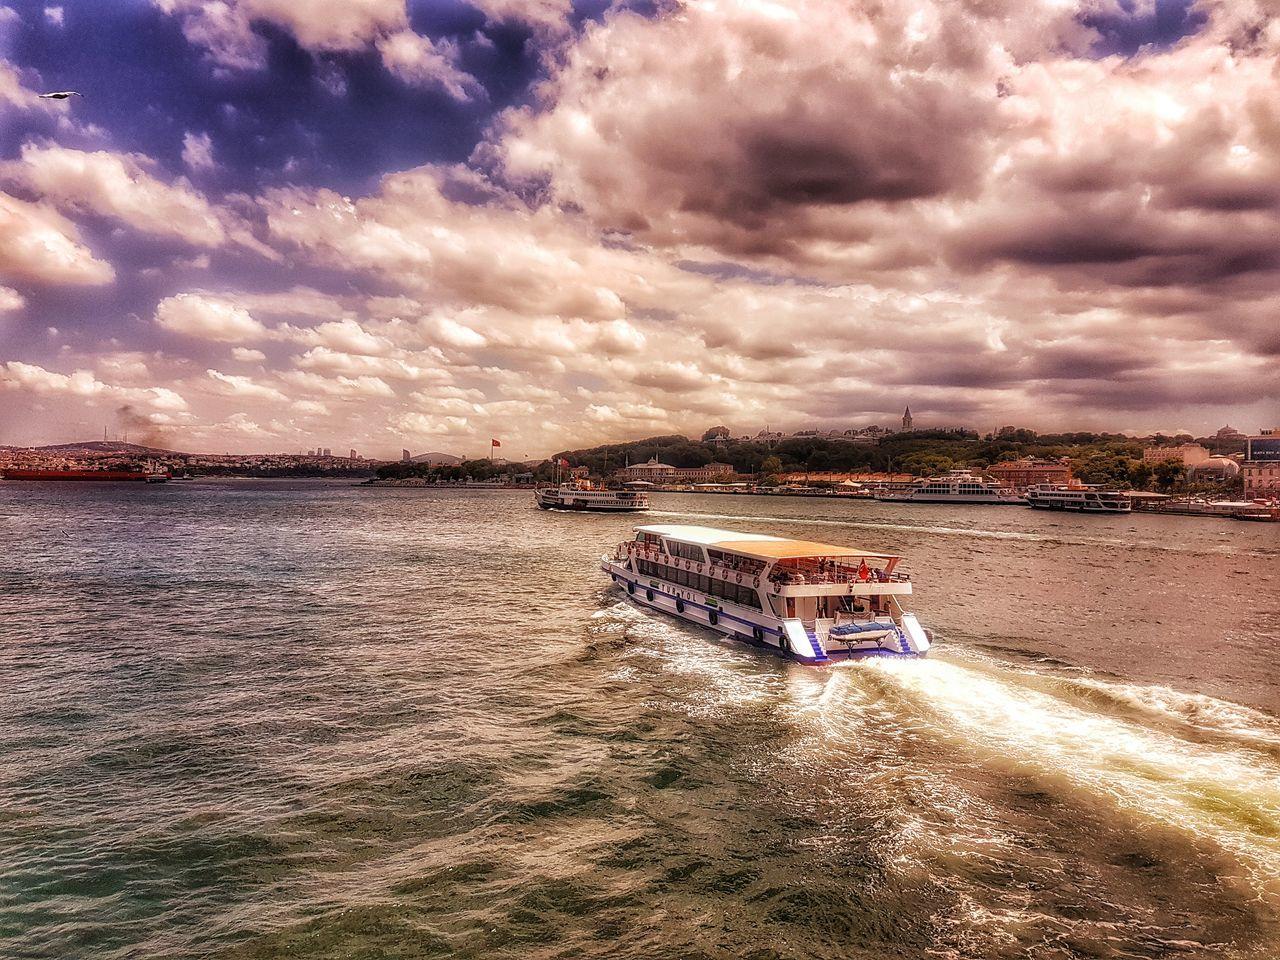 Gemi Vapur Vapur Ve İstanbul Istanbul Turkey Istanbuldayasam Istanbullovers Deniz Bulutlar